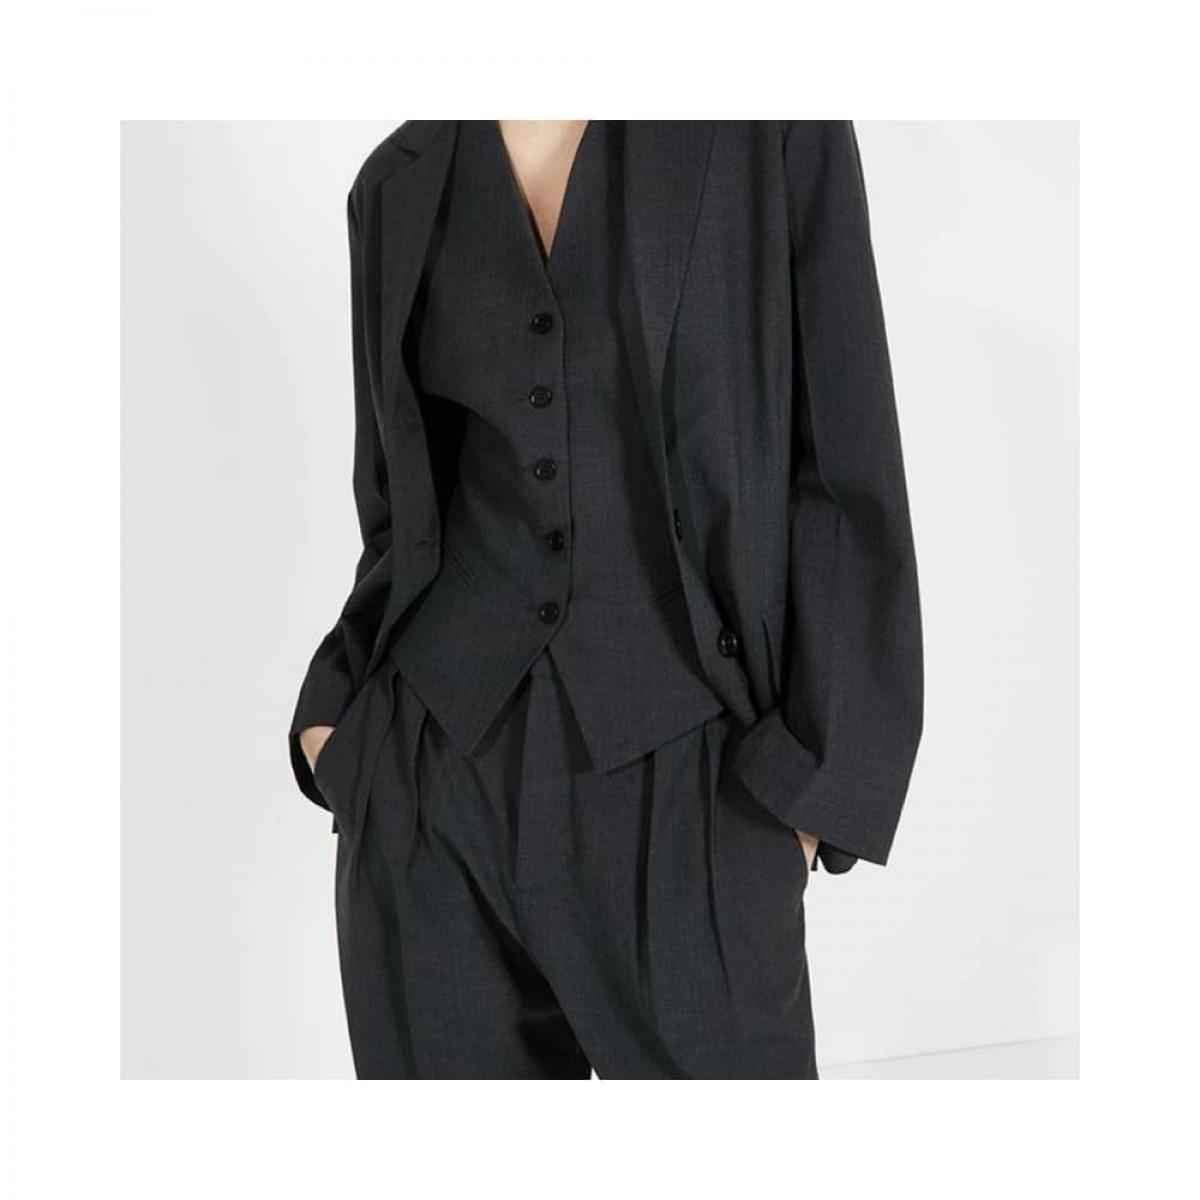 wilma pants - black - model sæt